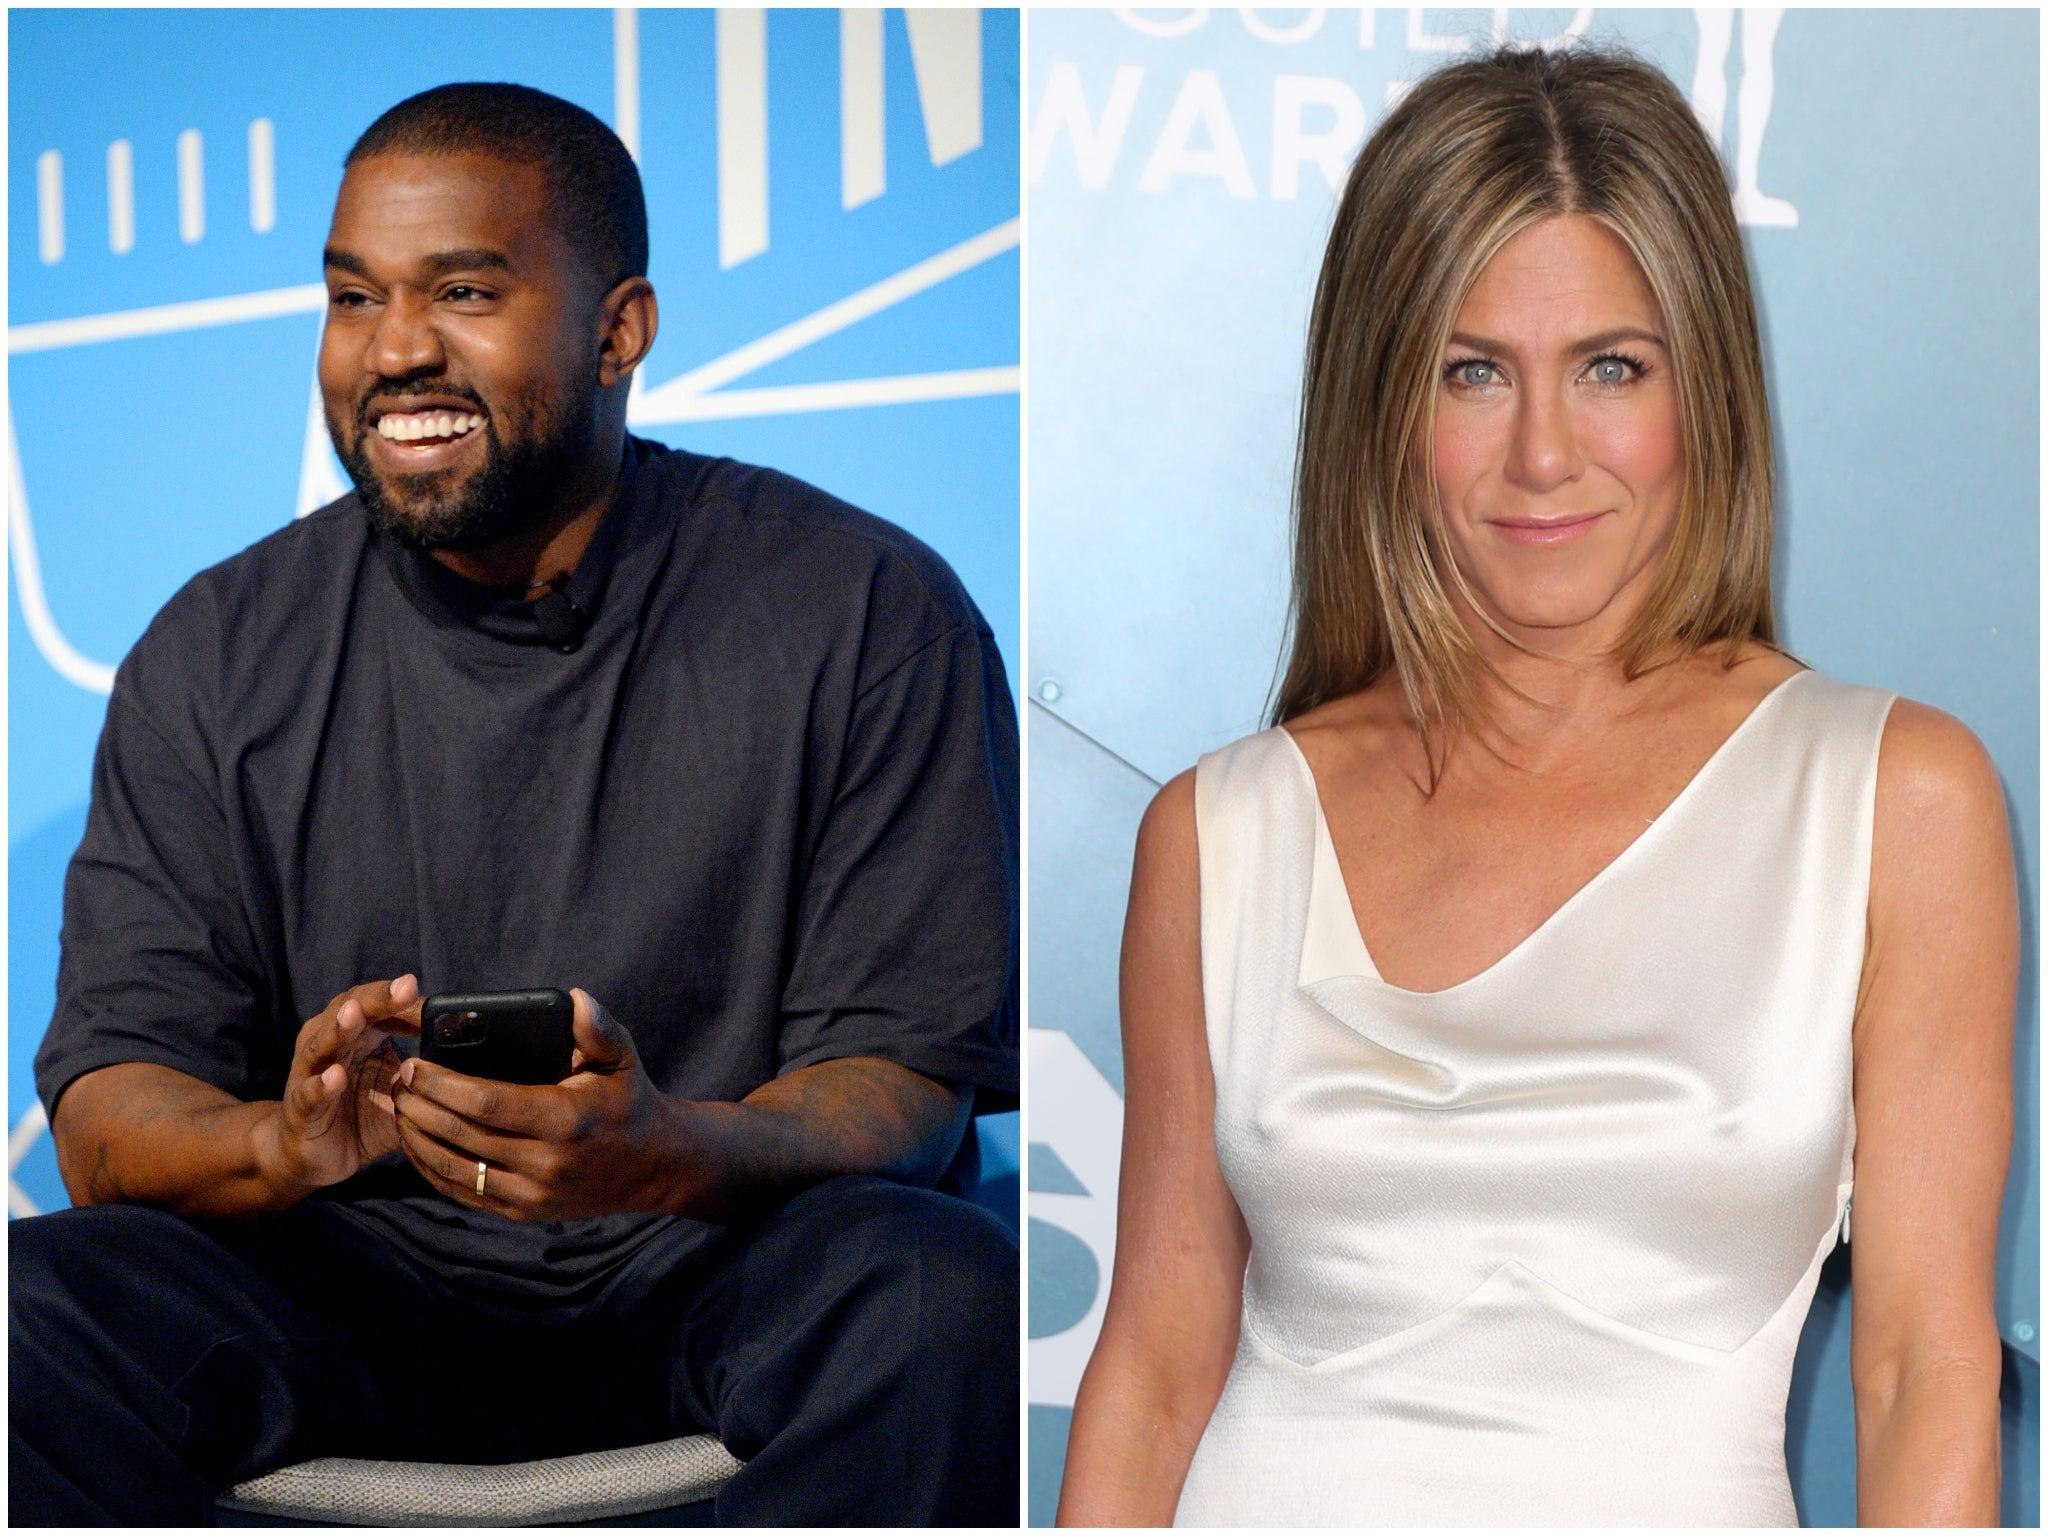 Kanye West responds after Jennifer Aniston urges fans not to vote for rapper